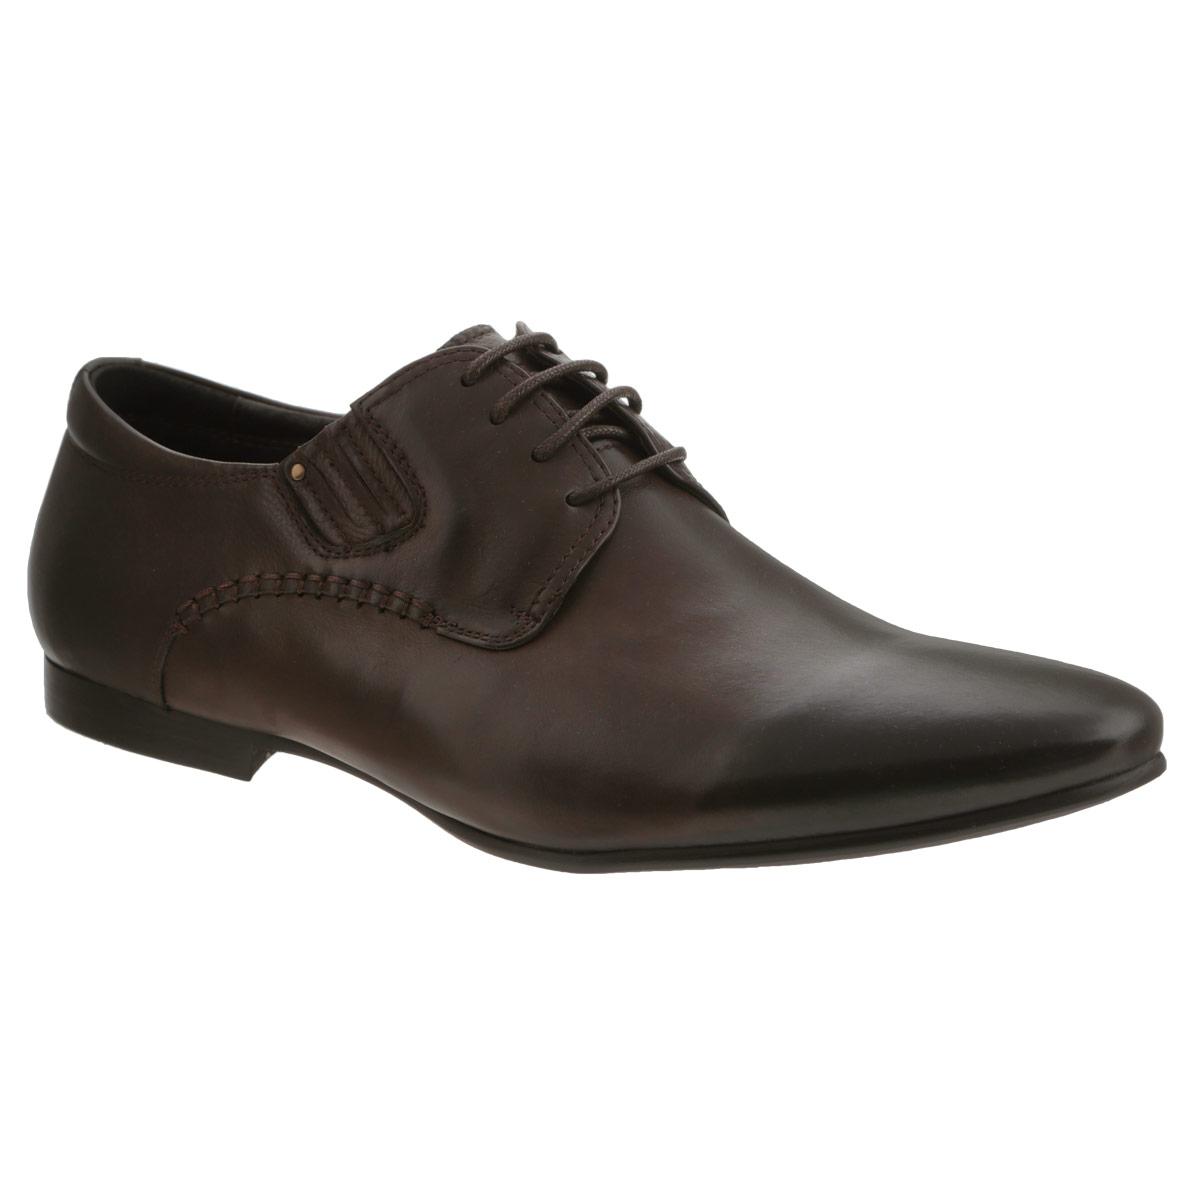 104-144-39Элегантные мужские туфли от Dino Ricci займут достойное место среди вашей коллекции обуви. Изделие выполнено из натуральной высококачественной кожи и оформлено внешними декоративными швами и задним наружным ремнем. Шнуровка позволяет прочно зафиксировать модель на ноге. Резинки, расположенные на подъеме, гарантируют оптимальную посадку обуви на ноге. Стелька из натуральной кожи оснащена перфорацией, позволяющей вашим ногам дышать. Каблук и подошва с рифлением обеспечивают отличное сцепление с поверхностью. Подошва оформлена прострочкой и рисунком в виде названия бренда. Стильные туфли прекрасно дополнят ваш деловой образ.